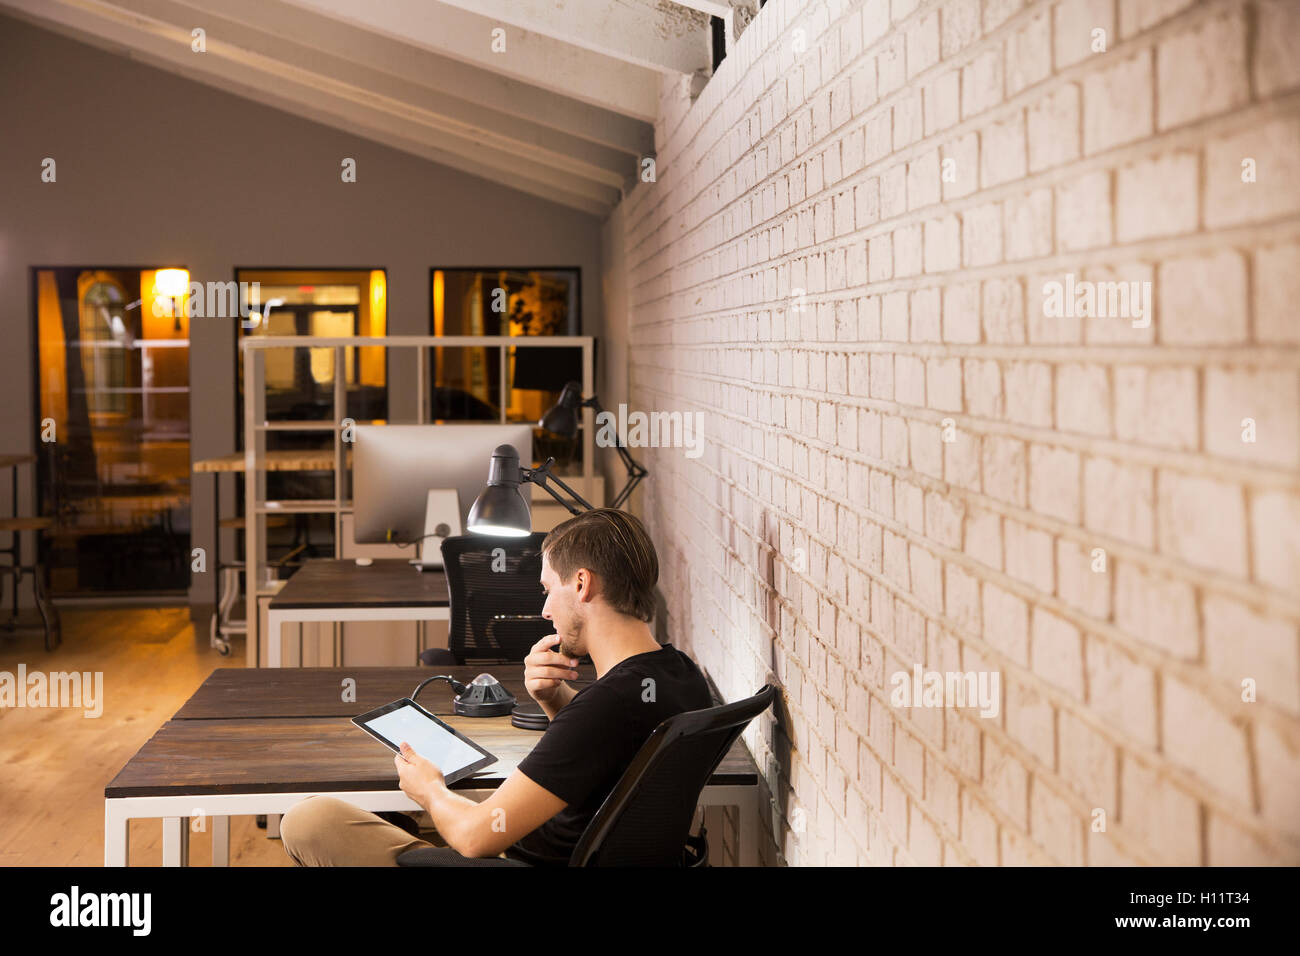 Jóvenes varones que trabajan solos en la oficina por la noche, él está usando una tableta digital. Foto de stock